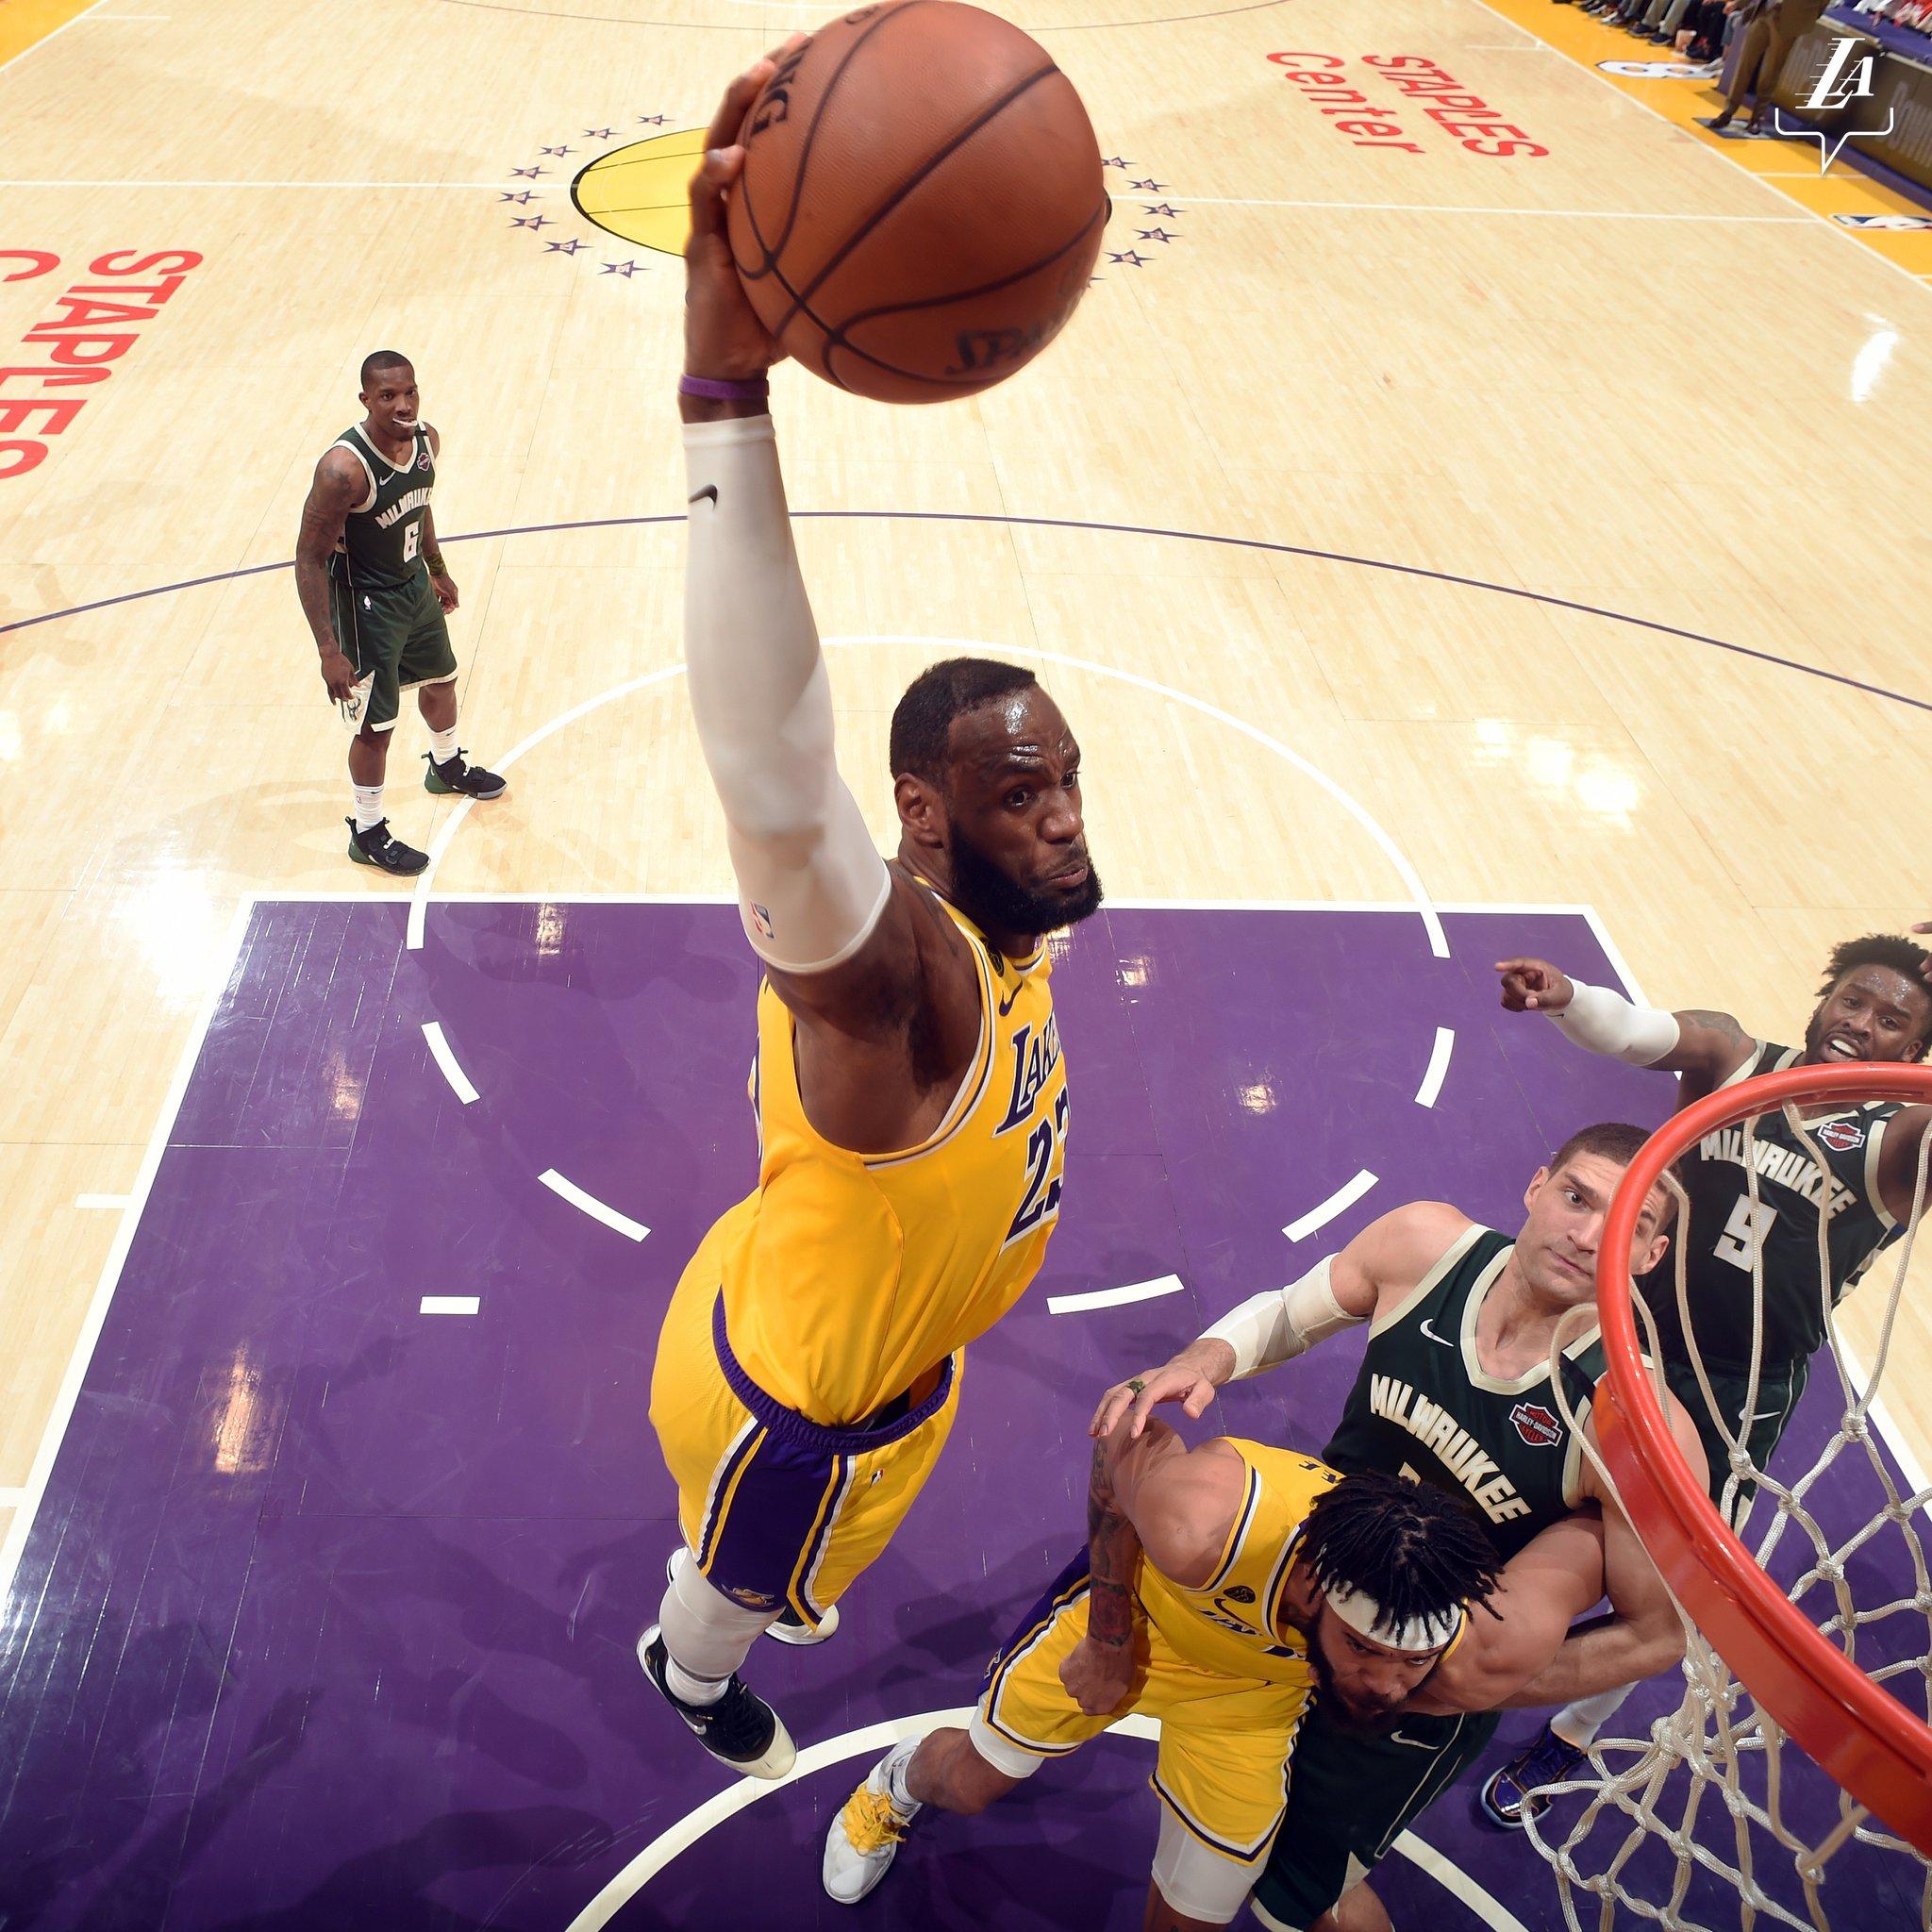 NBA官方发布詹姆斯本赛季慢放镜头合集:诗一般的慢动作